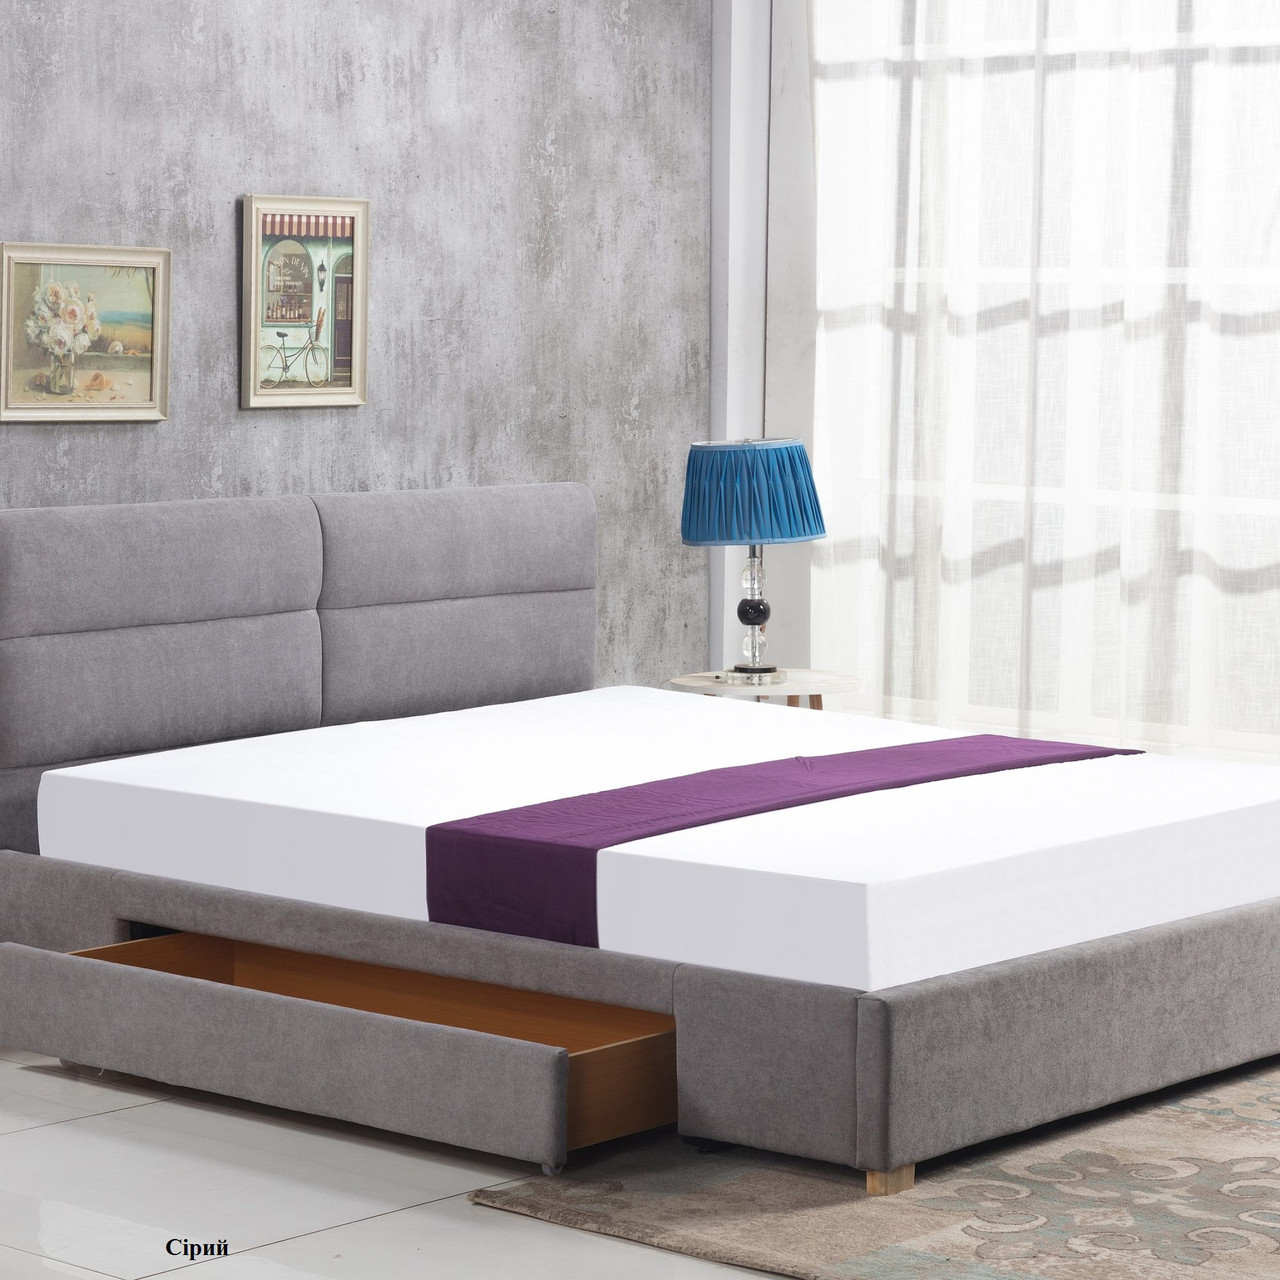 Ліжко двоспальне в спальню Польша Merida 160*200 Halmar